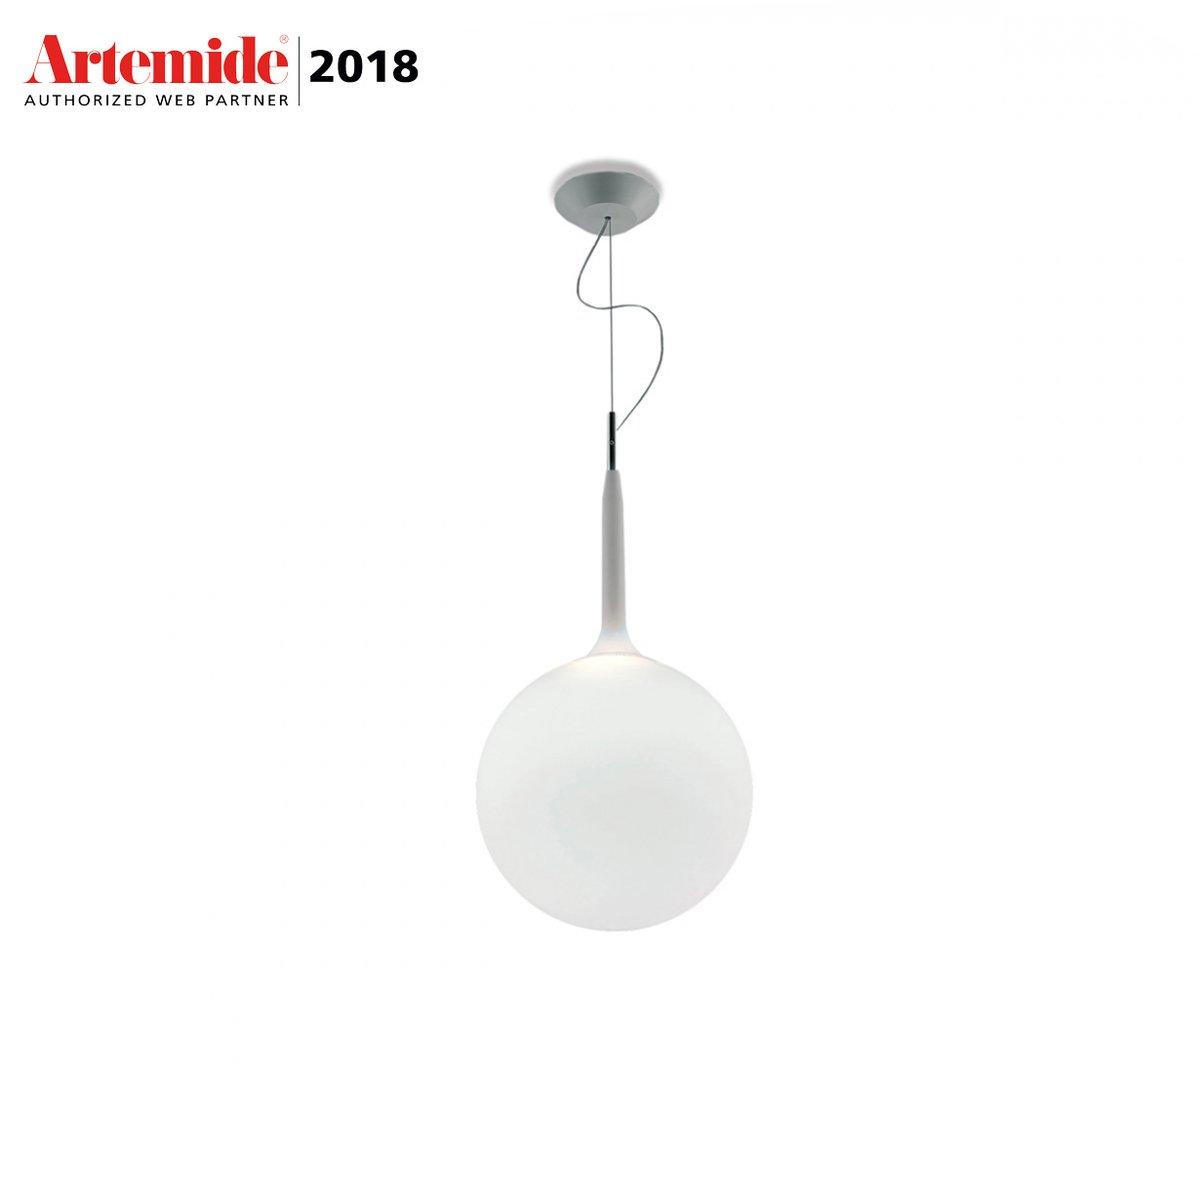 Lampadario Con Punto Luce Decentrato lampadario castore 35 cm by artemide   lovethesign